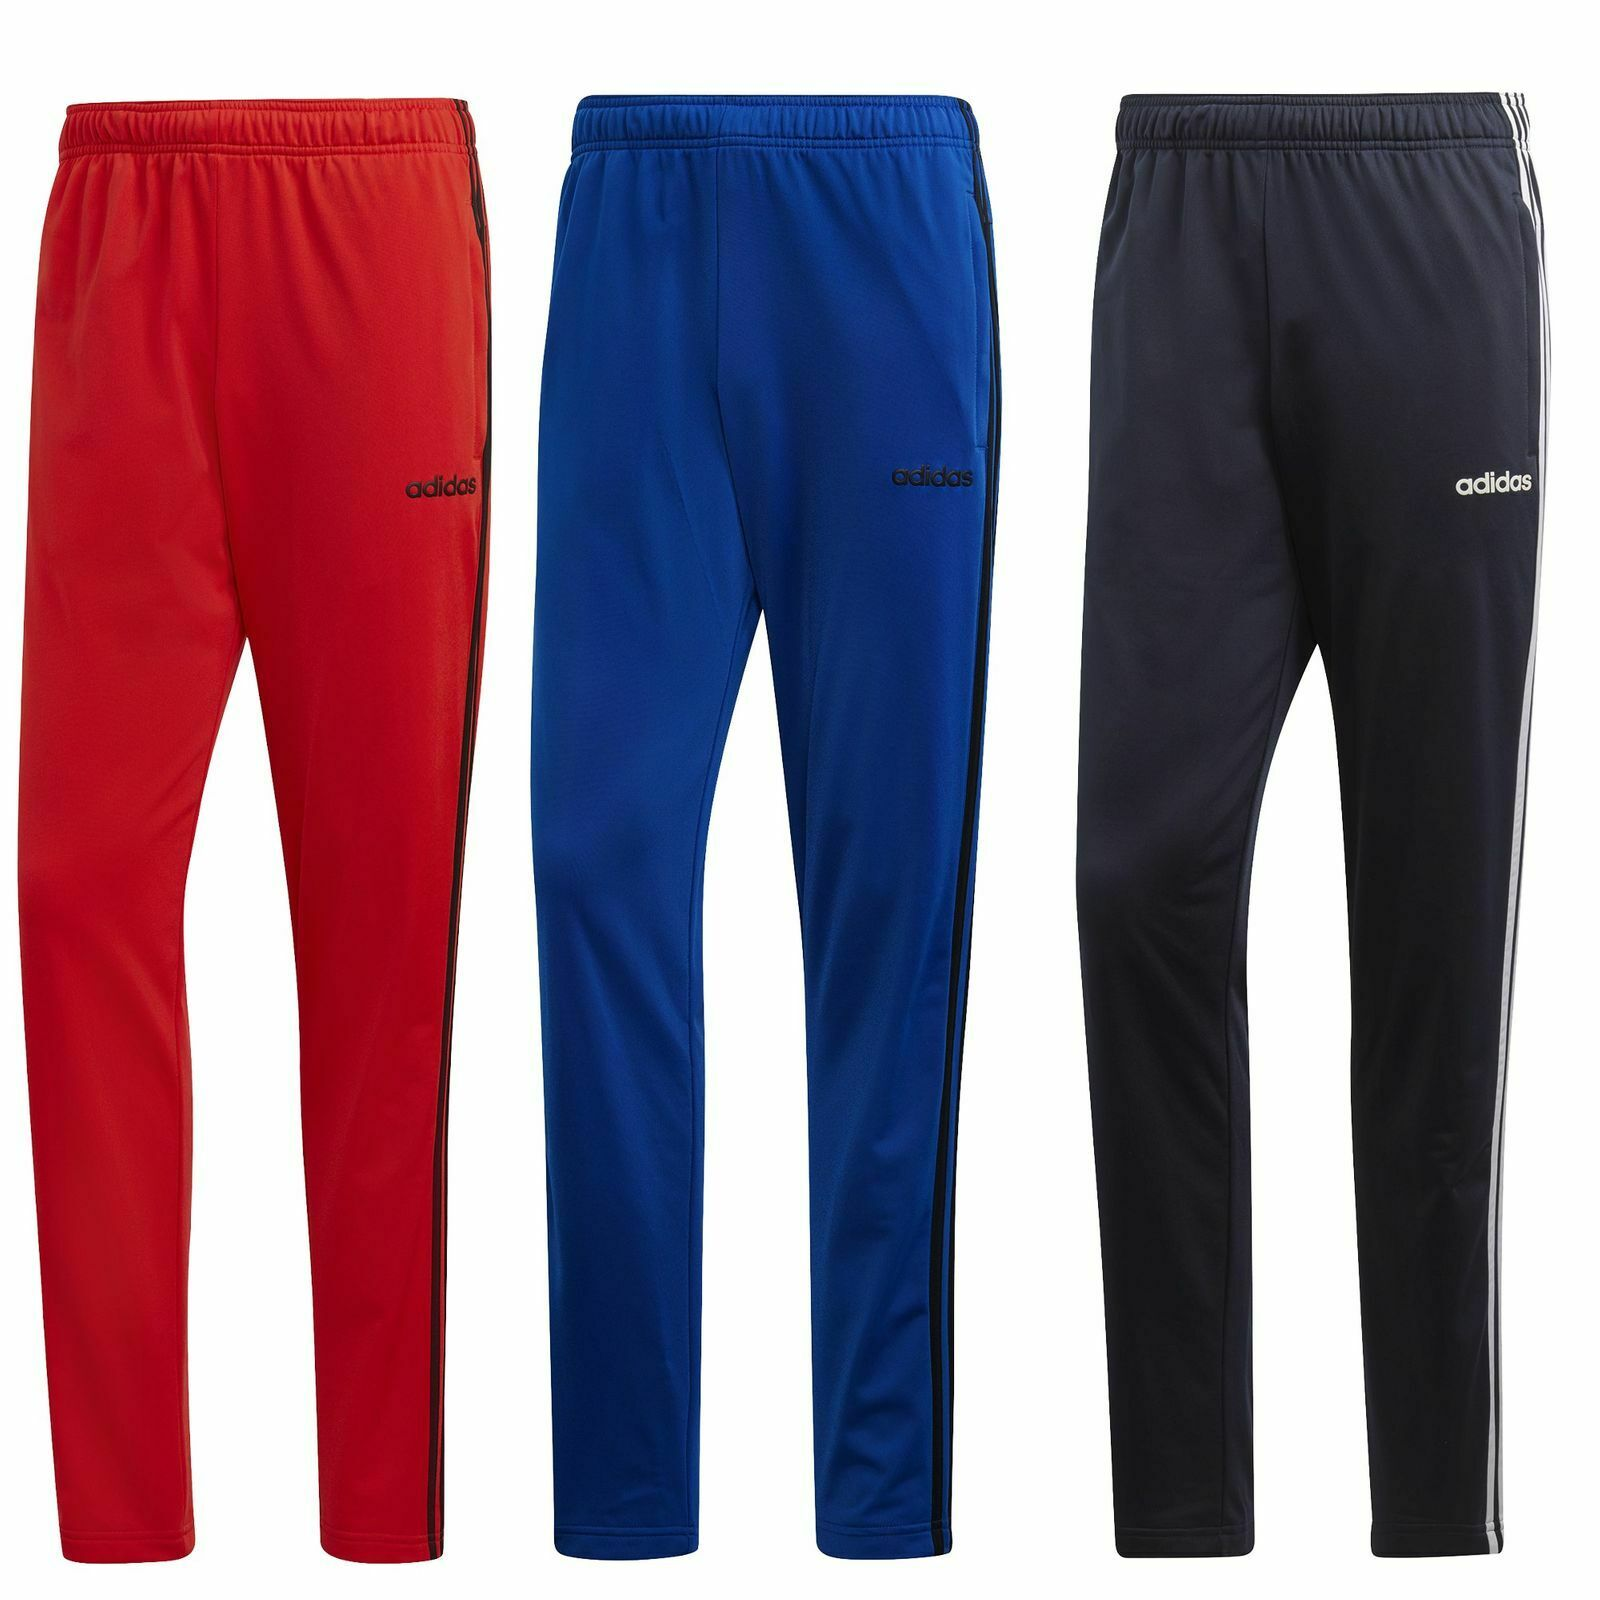 a689be658773ed adidas Jogging Hose Herren 3 Streifen Sporthose Männer Trainingshose Stoff  lang